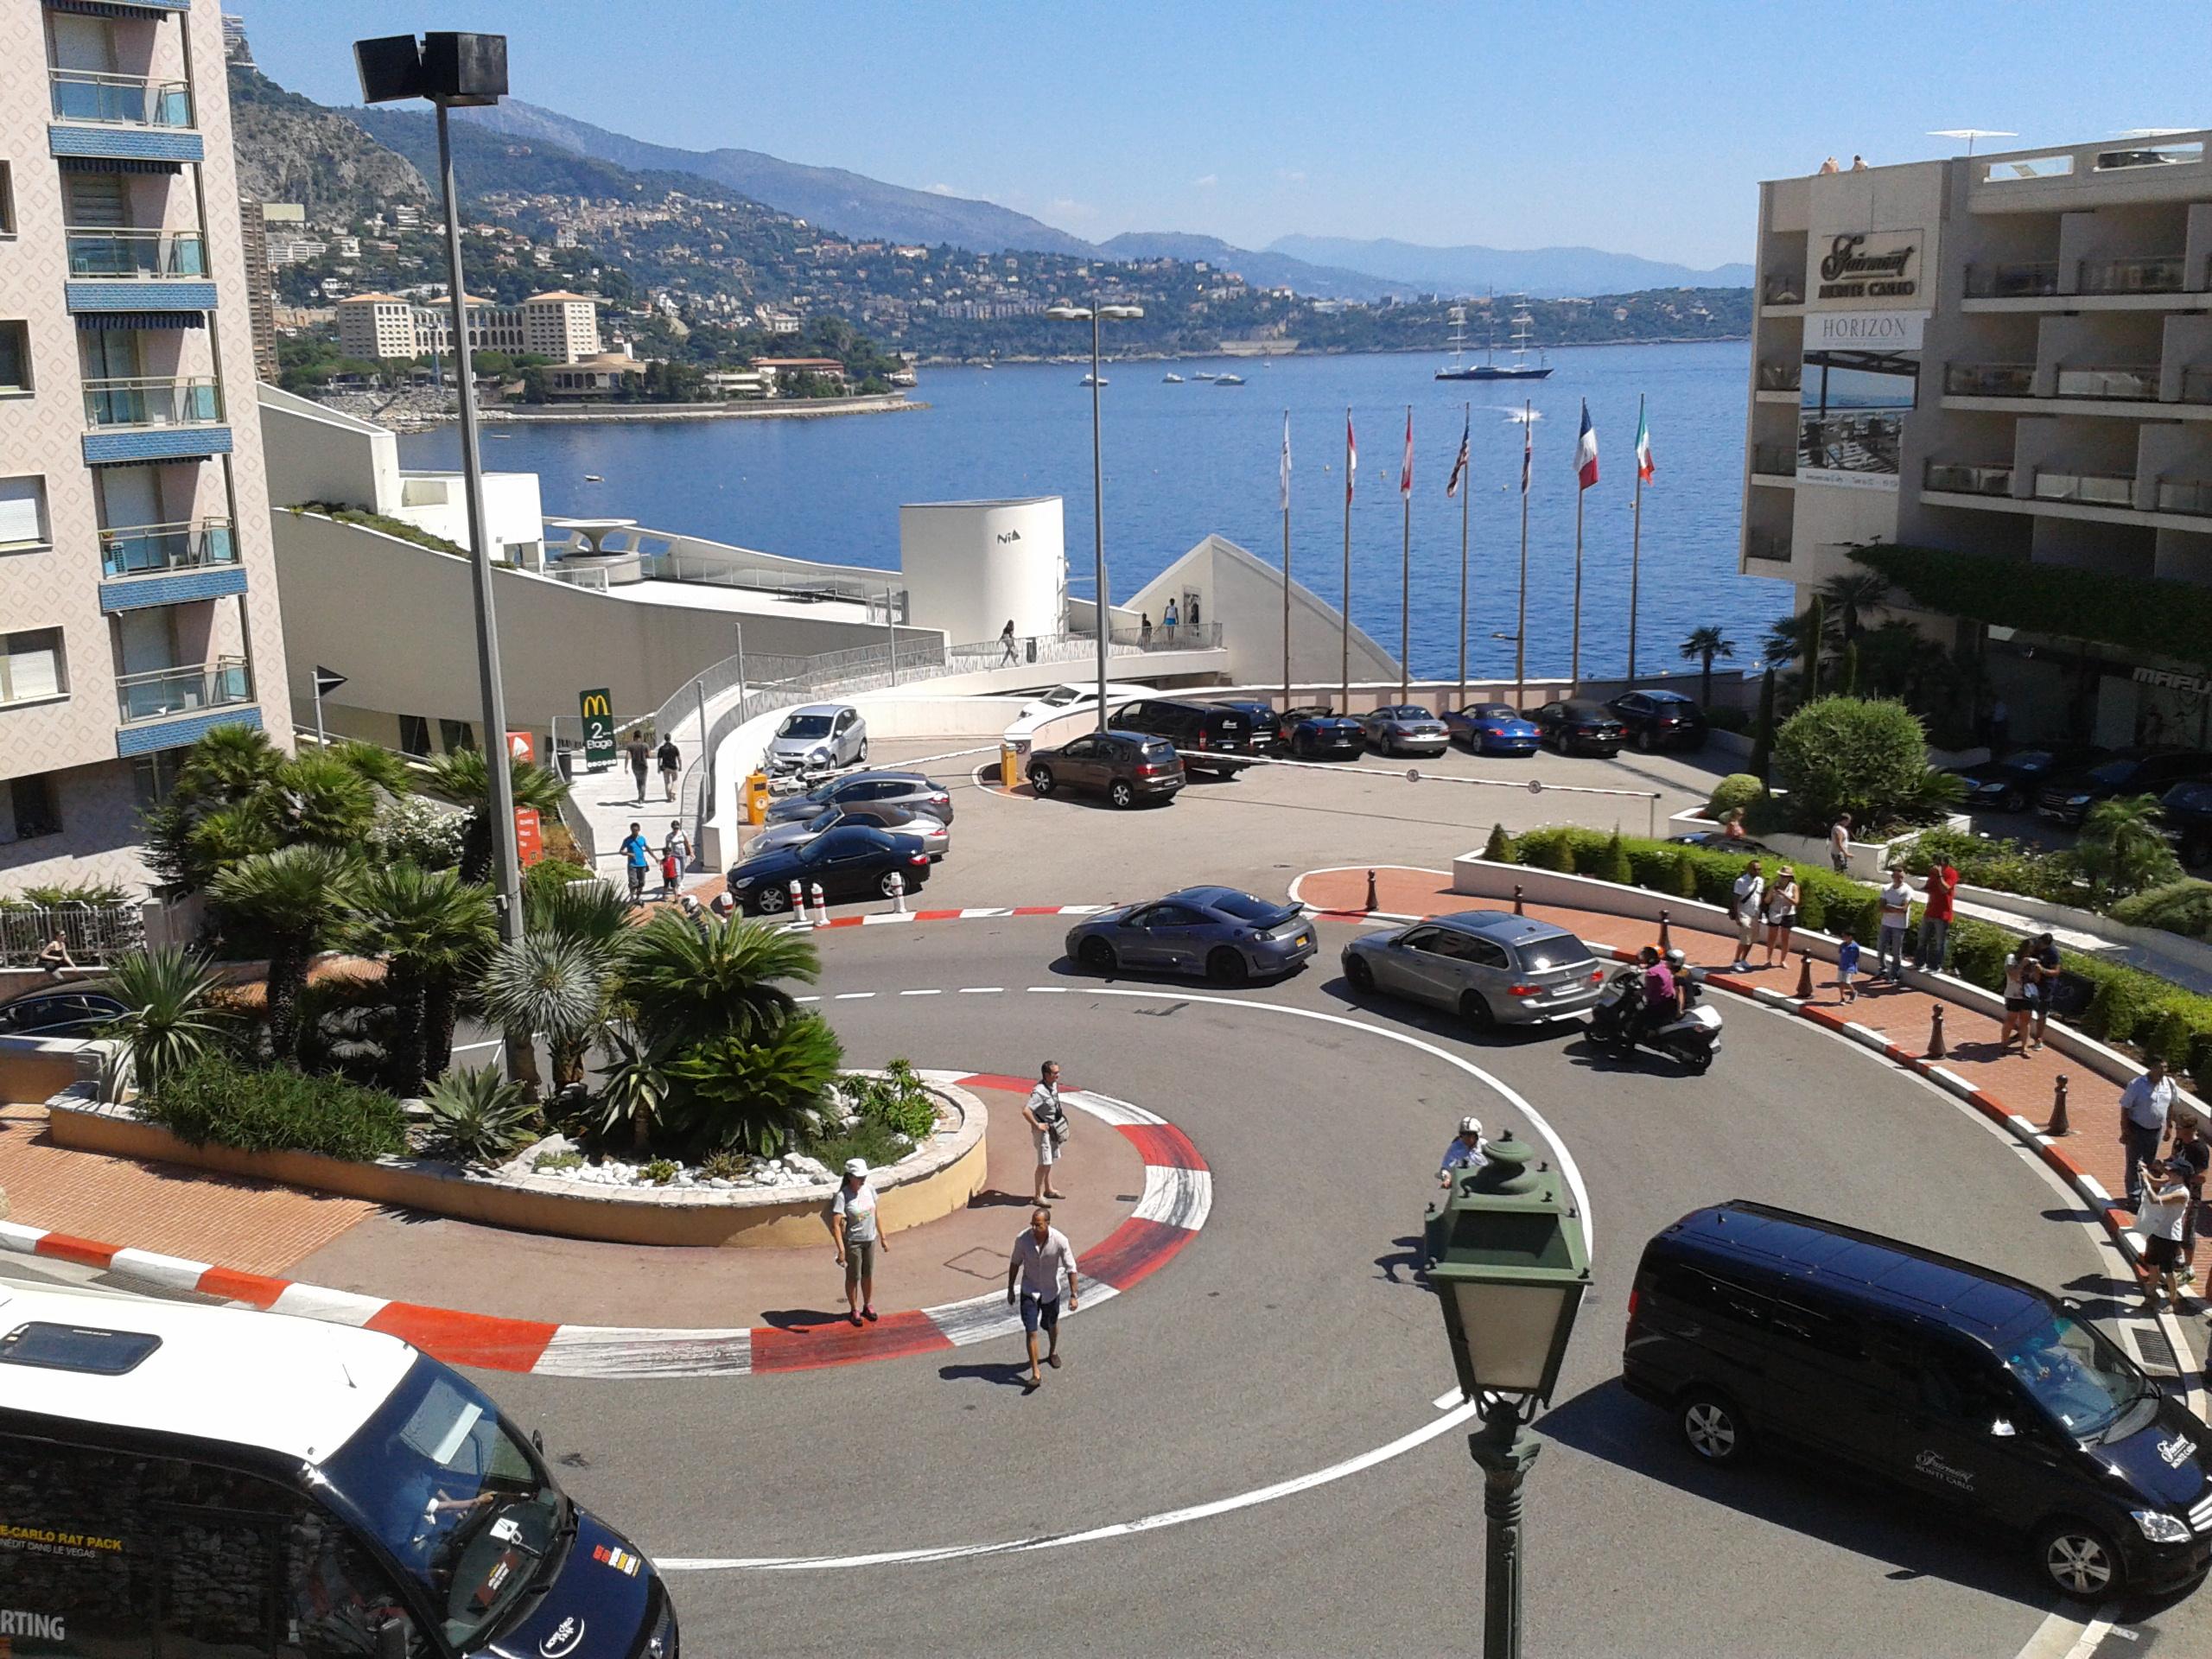 Circuito Monaco : File curva más famosa del circuito de mónaco g wikimedia commons